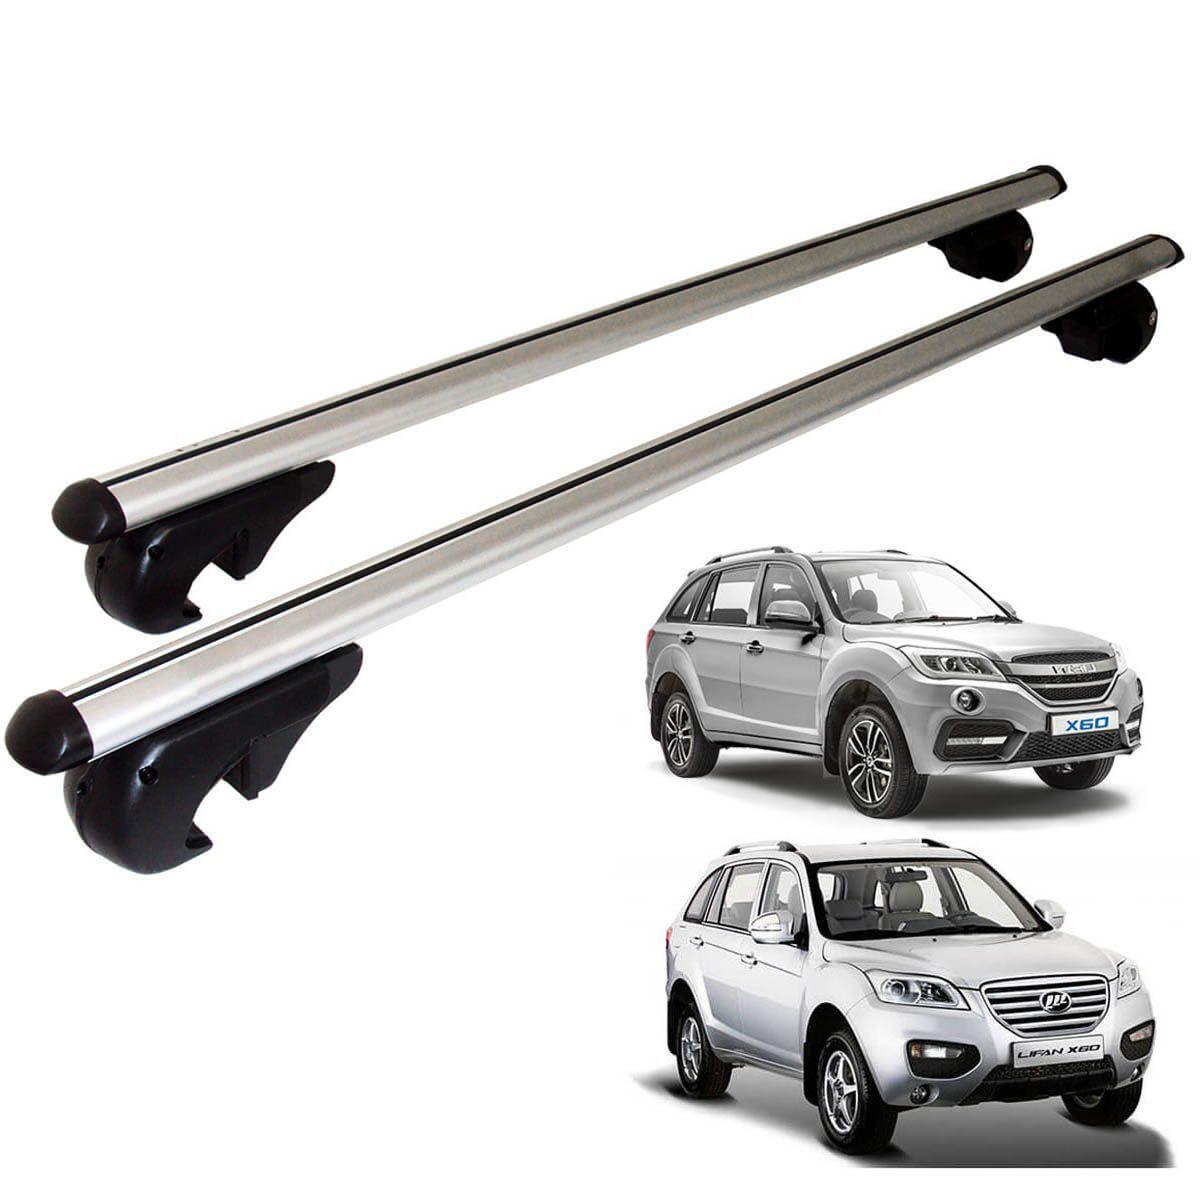 Travessa rack de teto Belluno Kiussi com chave Lifan X60 2013 a 2019